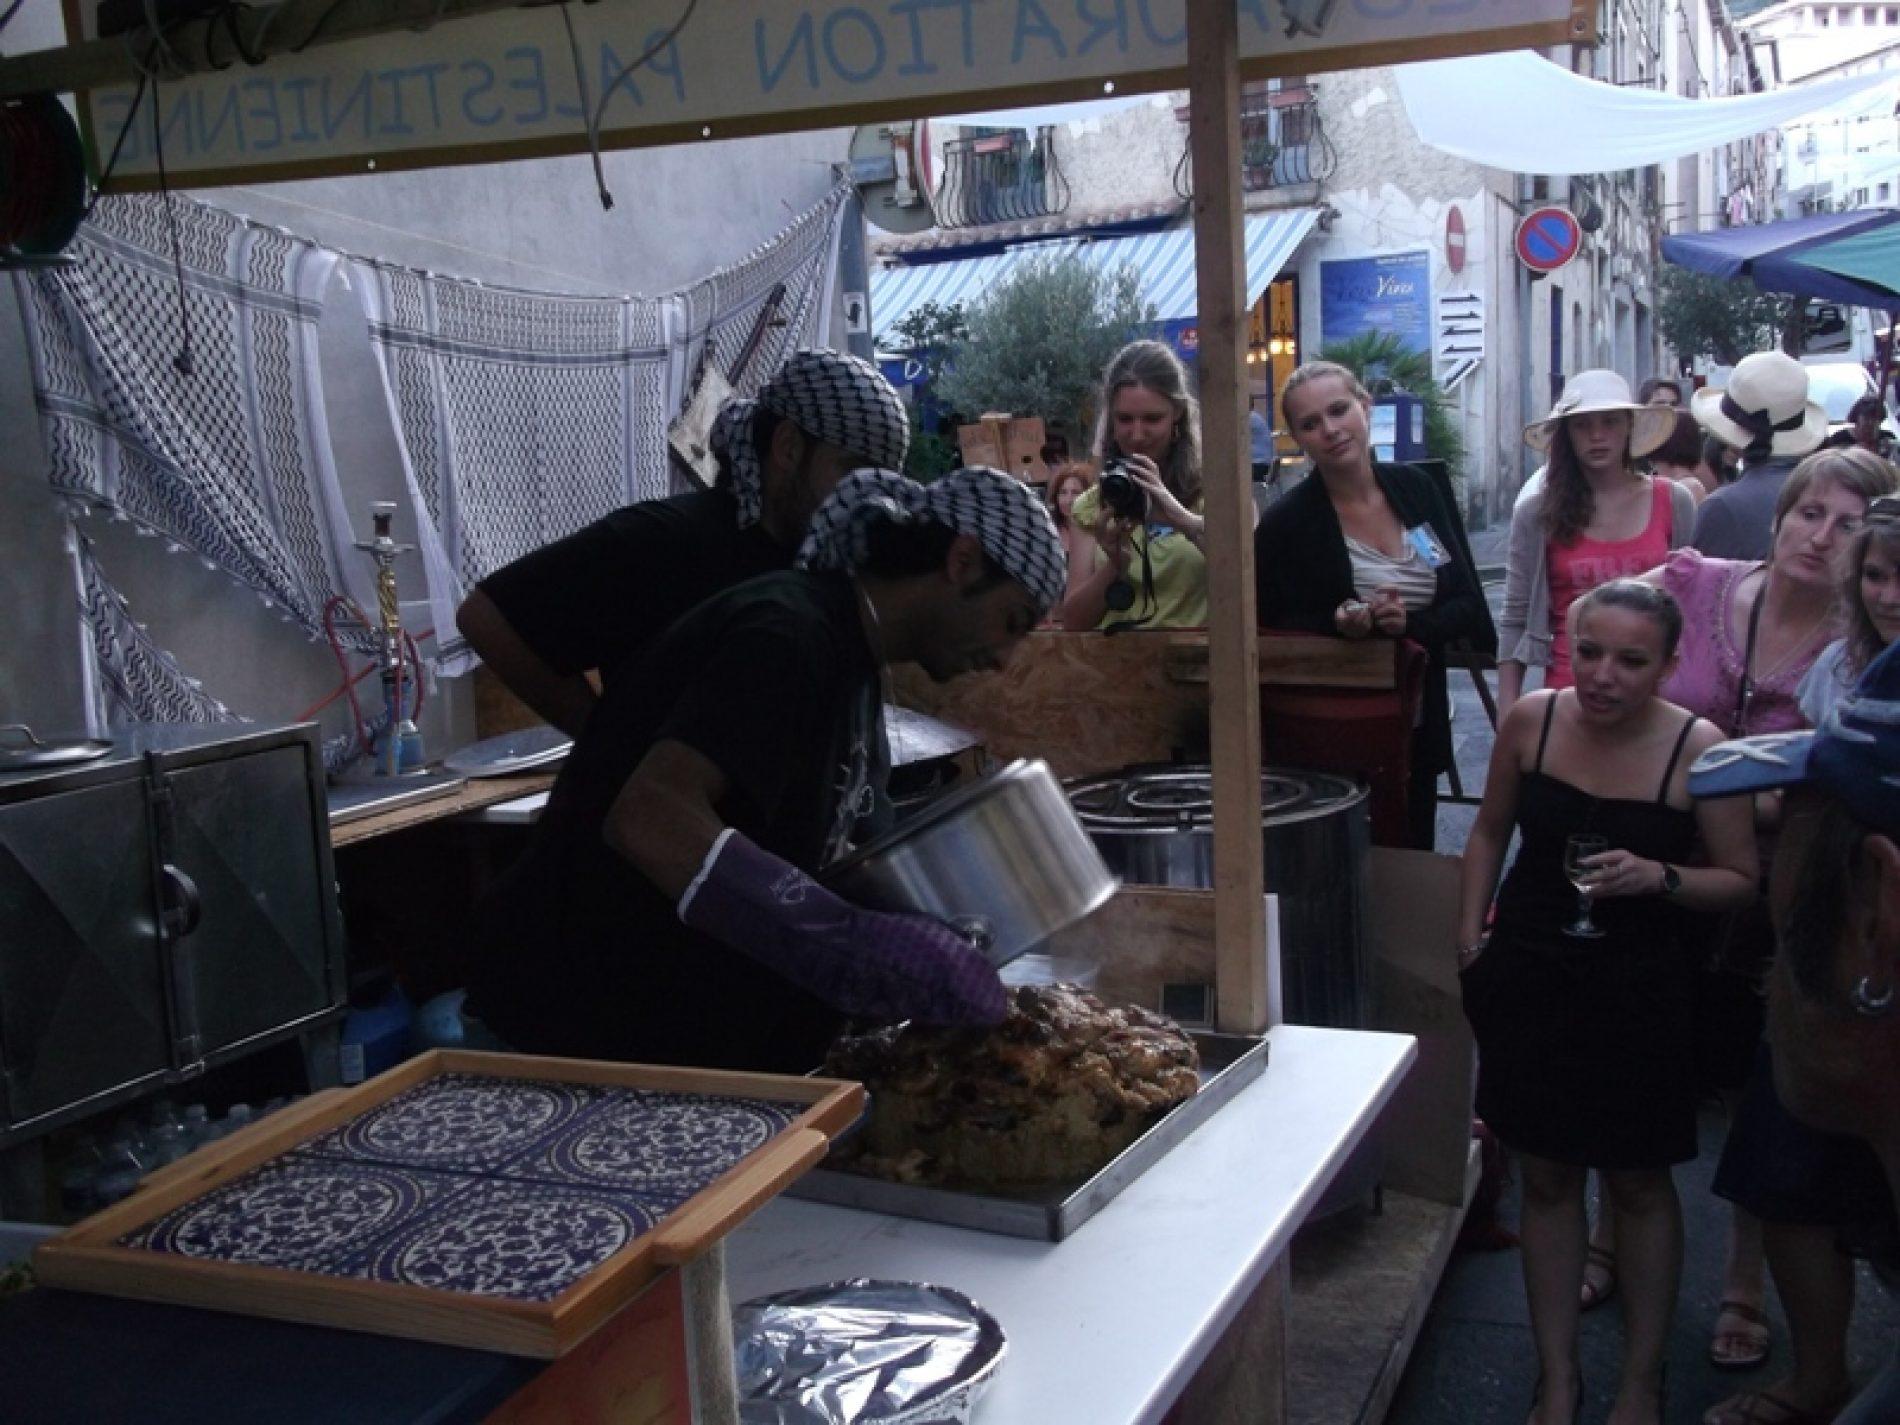 La cuisine palestinienne aux «Voix Vives» 2012 à Sète